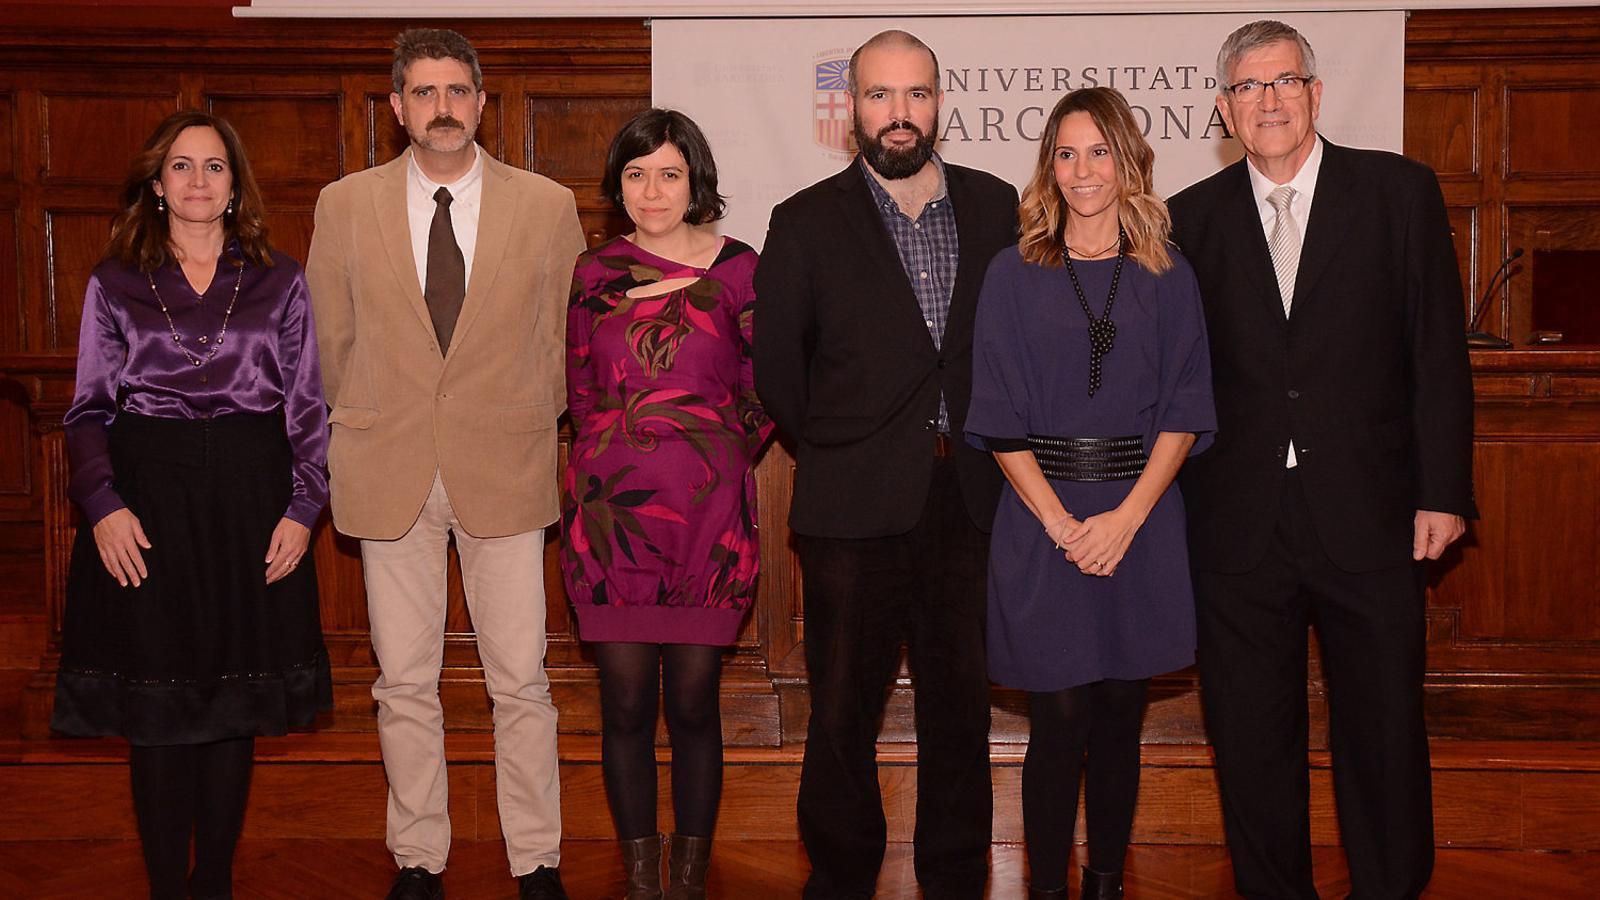 Els premiats ahir d'esquerra a dreta: Teresa Tarragó, Javier Luque, Maria Yubero, Guillem Anglada, Begoña Benito i Narcís Prat.